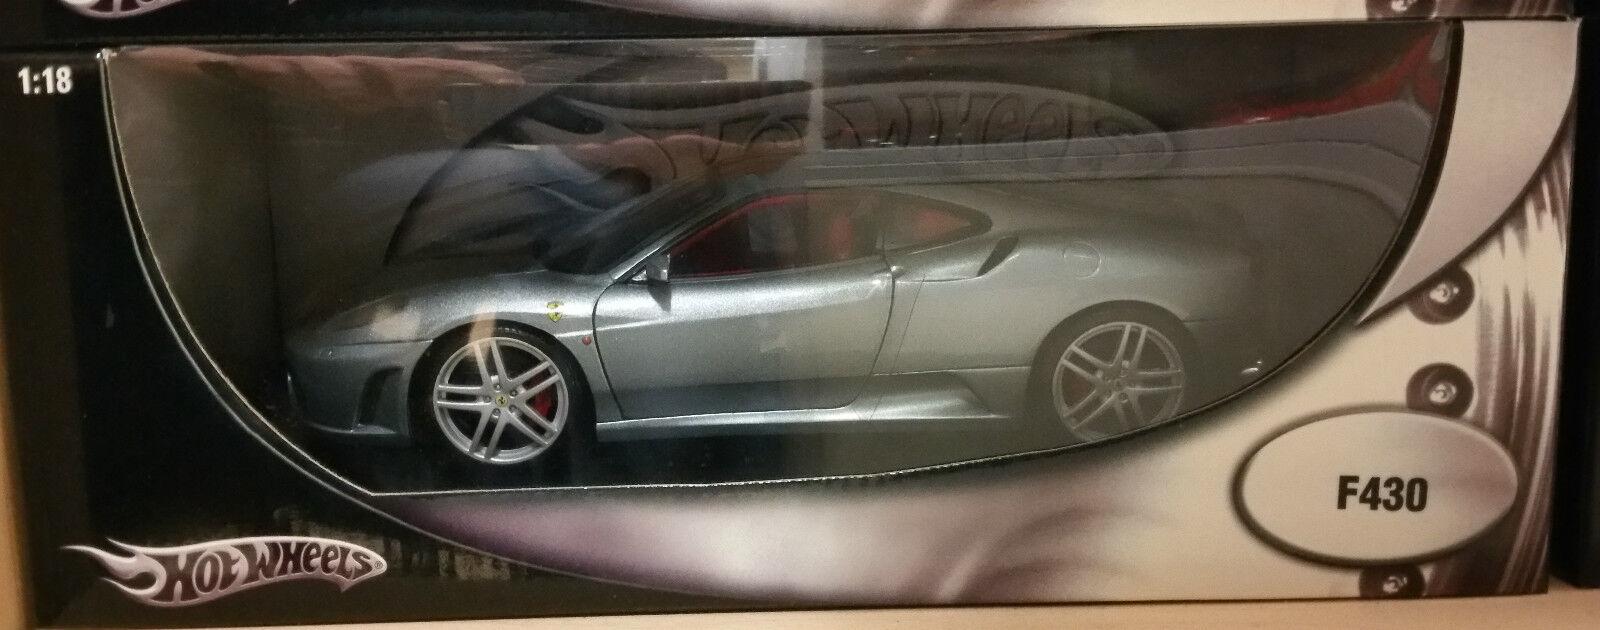 precios razonables Ferrari F430 Coupe Plata Azul en rojo Hot Hot Hot Wheels Edición Regular de 1 18 Muy Raro  precio razonable